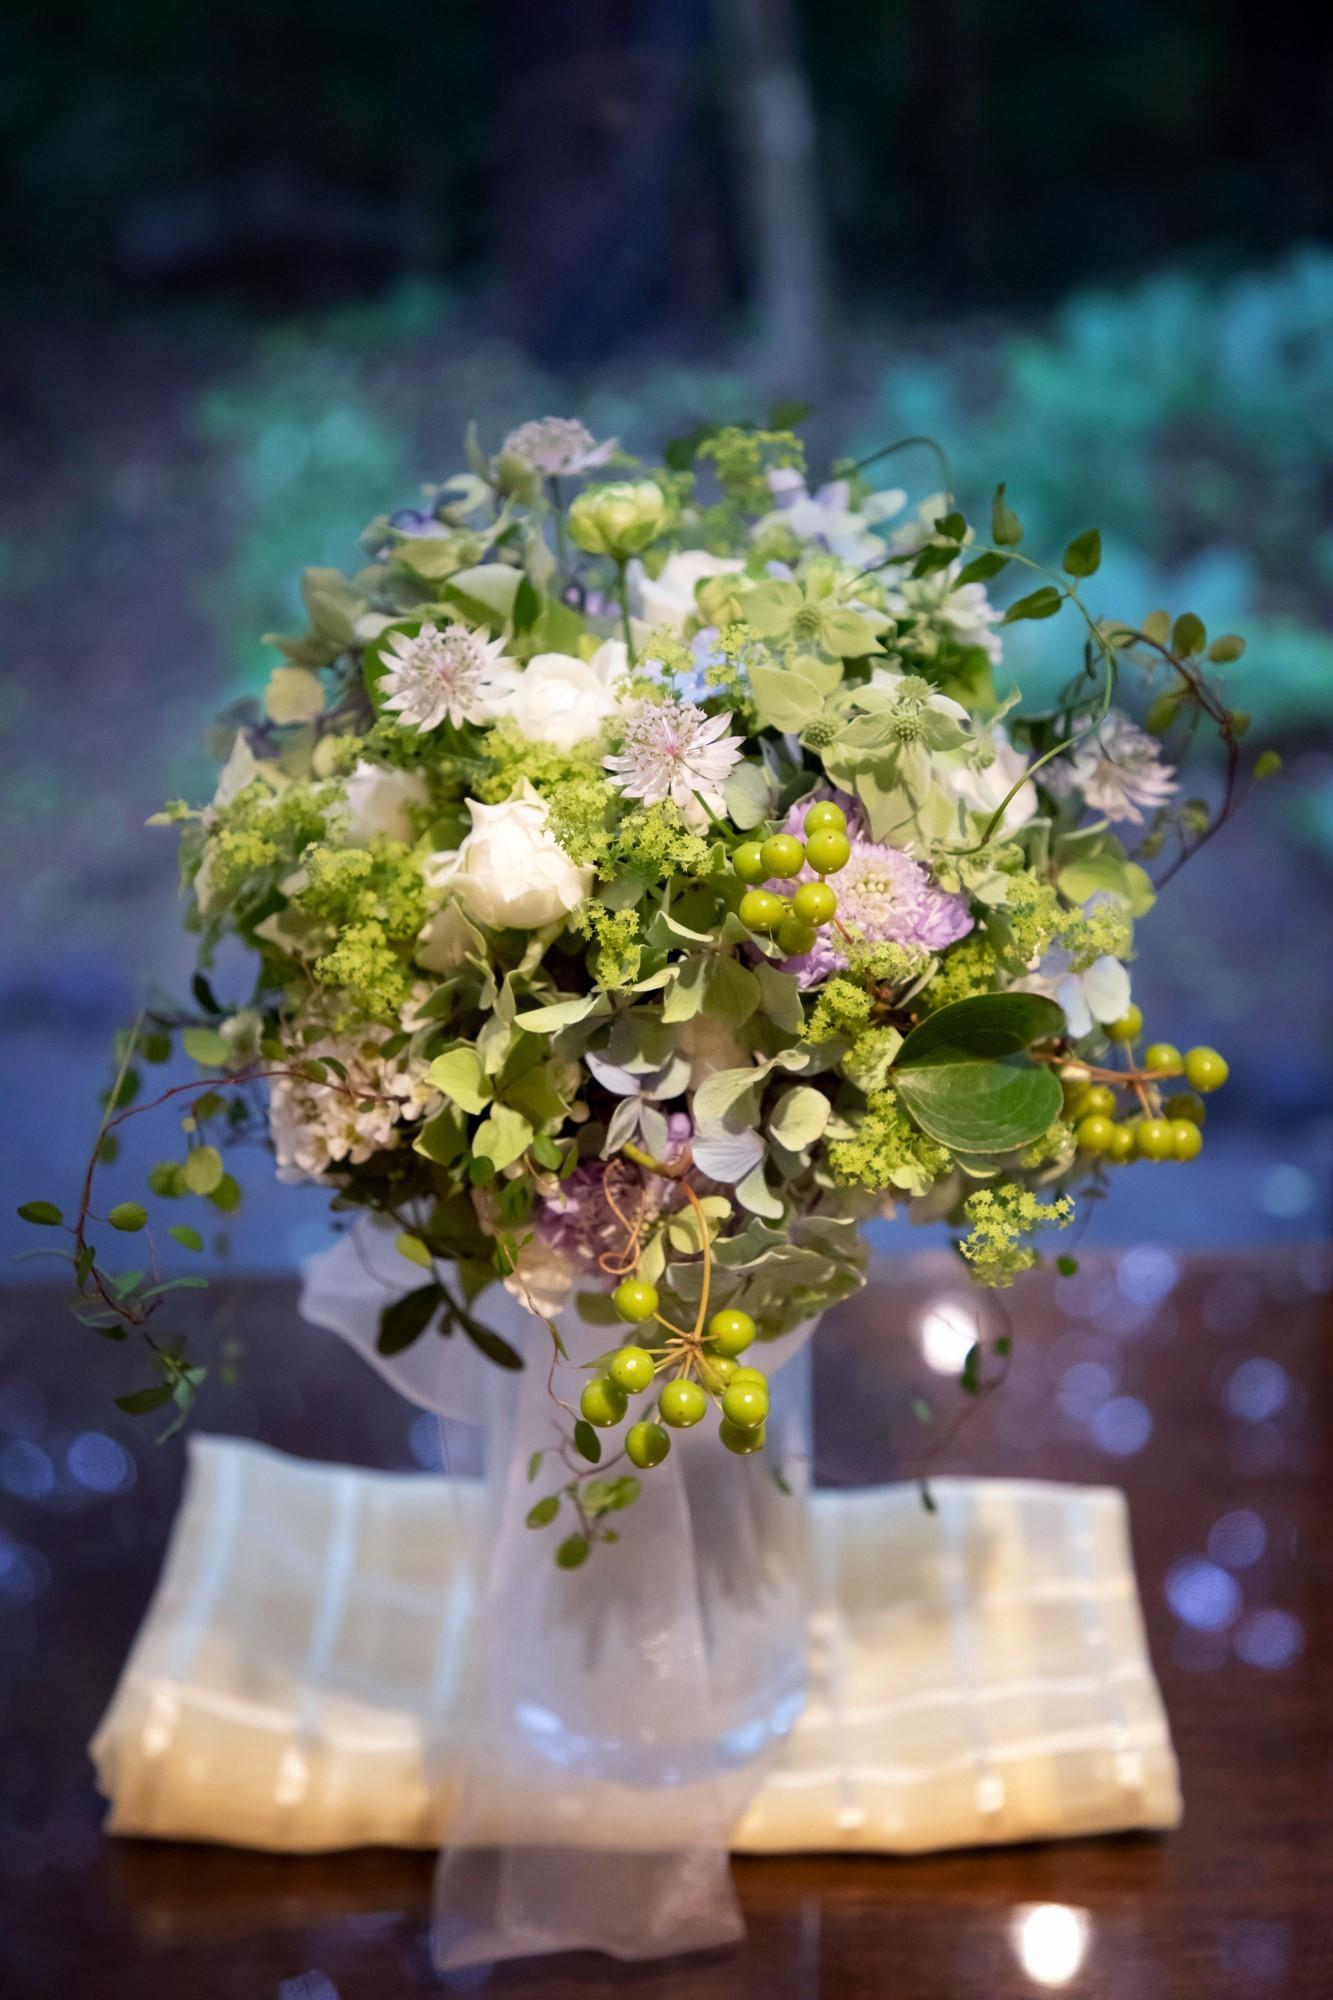 卒花嫁アルバム 軽井沢有明邸の花嫁様と花婿様、ハプニングを前に一花屋にできることすべて_a0042928_21260238.jpg